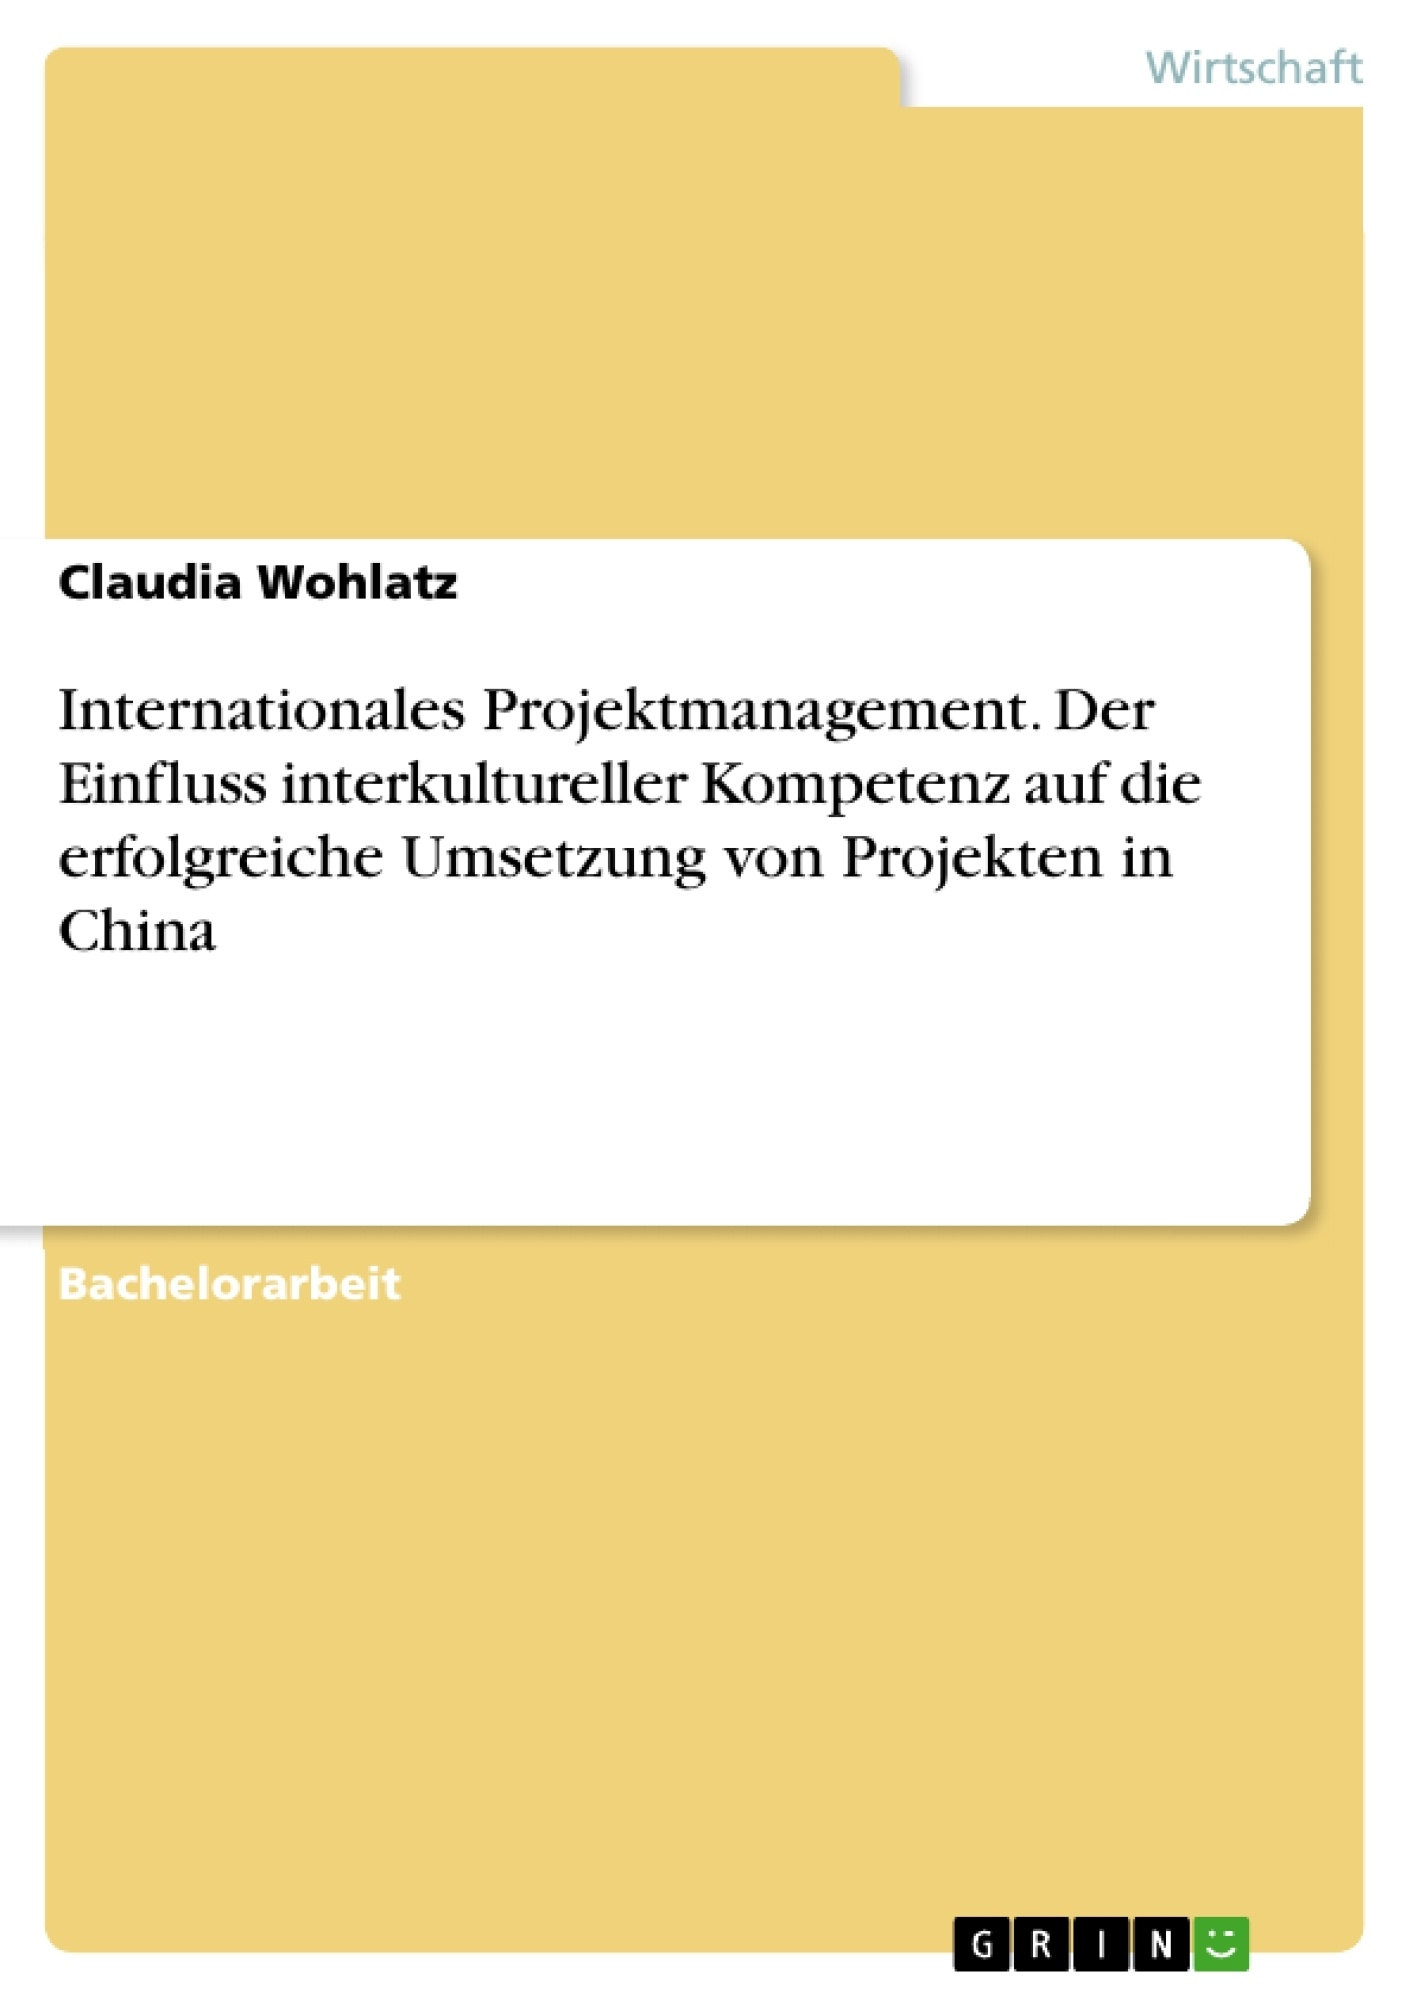 Titel: Internationales Projektmanagement. Der Einfluss interkultureller Kompetenz auf die erfolgreiche Umsetzung von Projekten in China